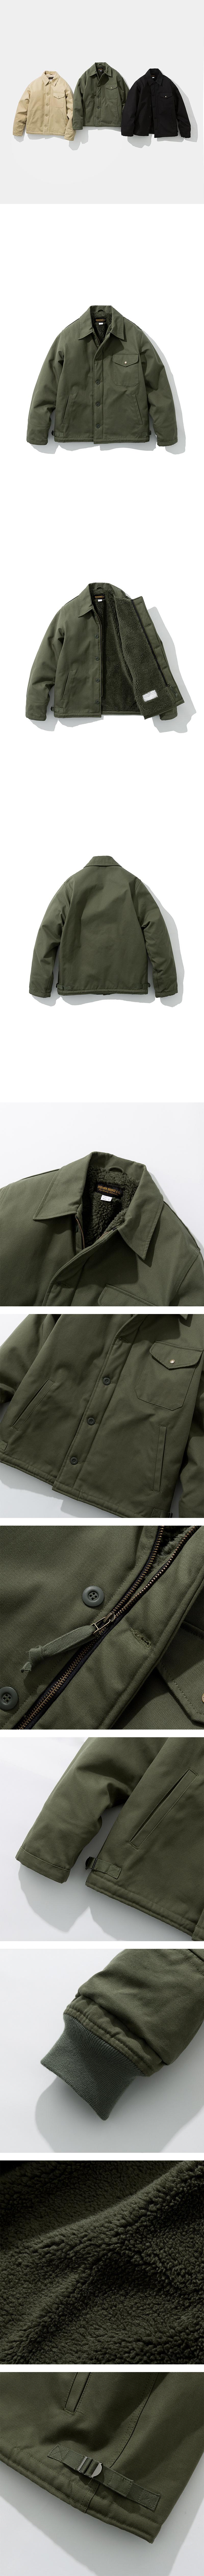 유니폼브릿지(UNIFORM BRIDGE) 19fw deck jacket khaki